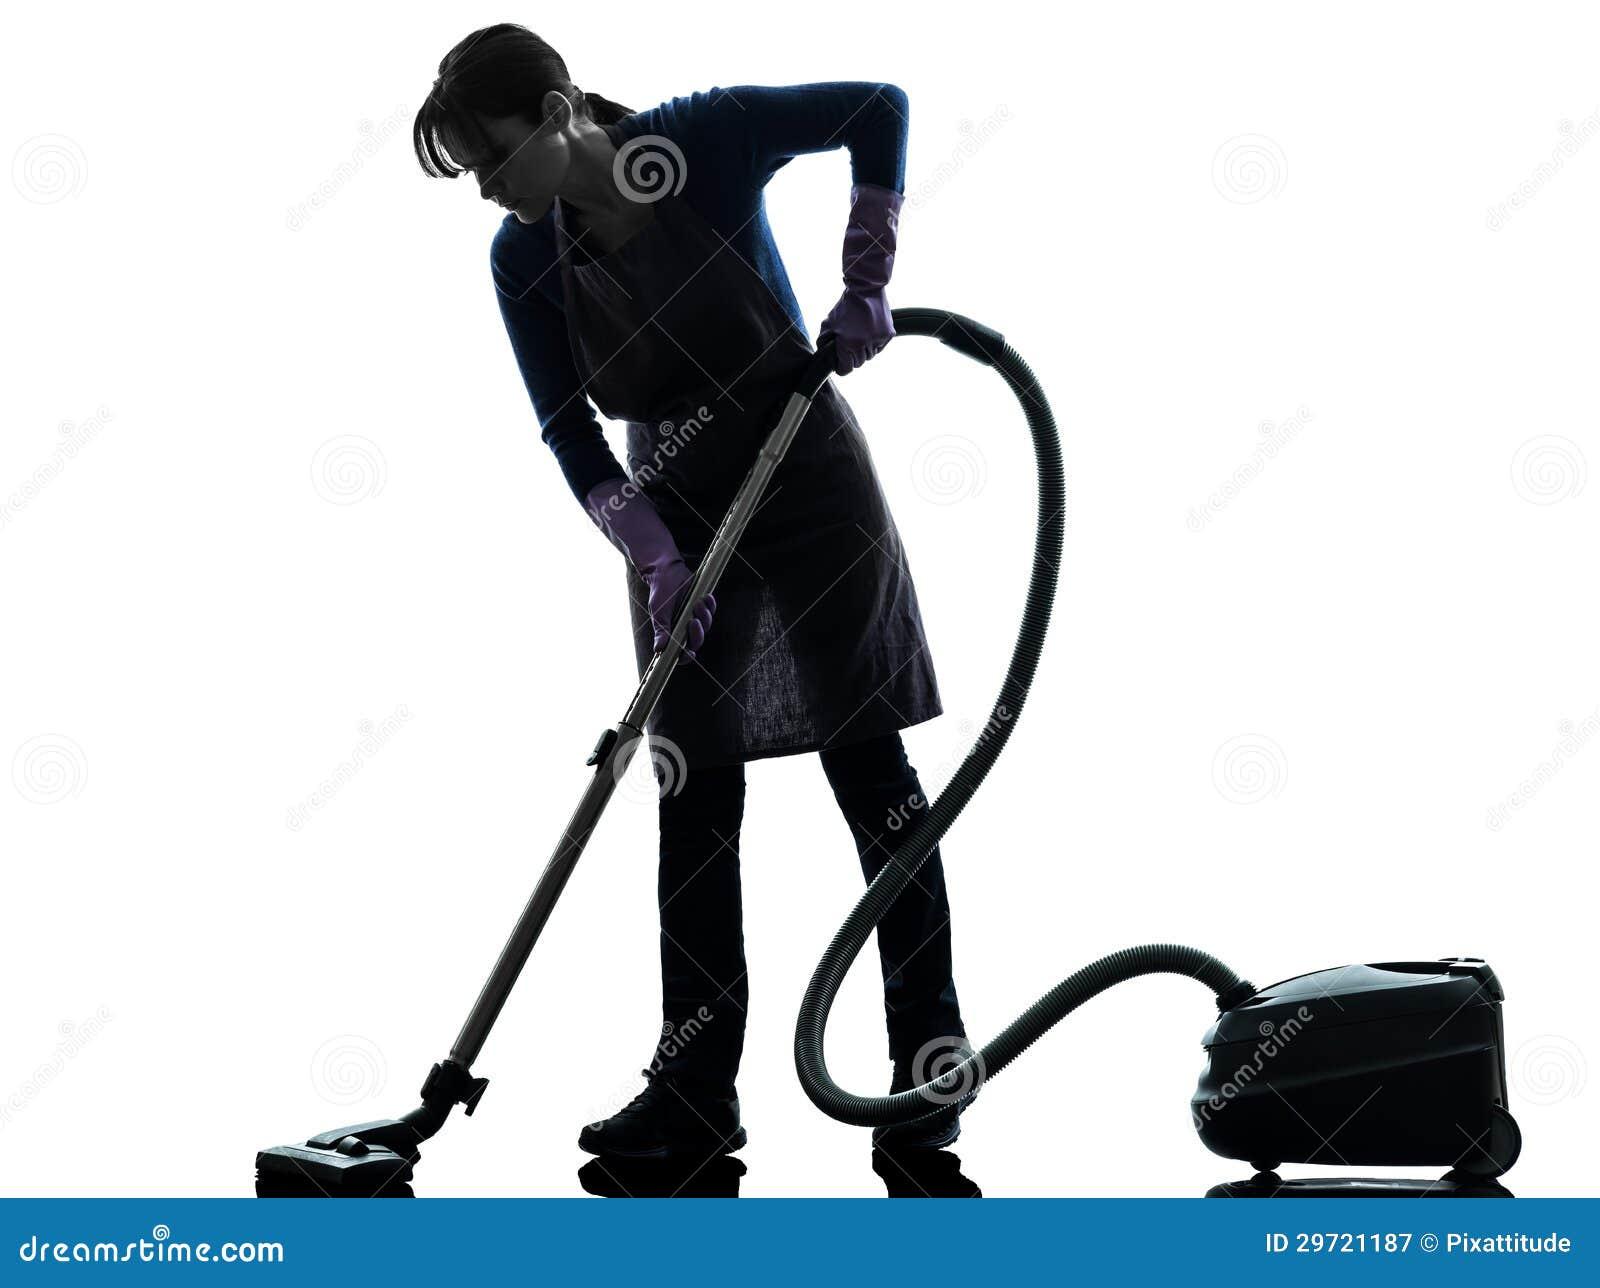 Vacuum Cleaner silhouette  Vacuum Silhouette